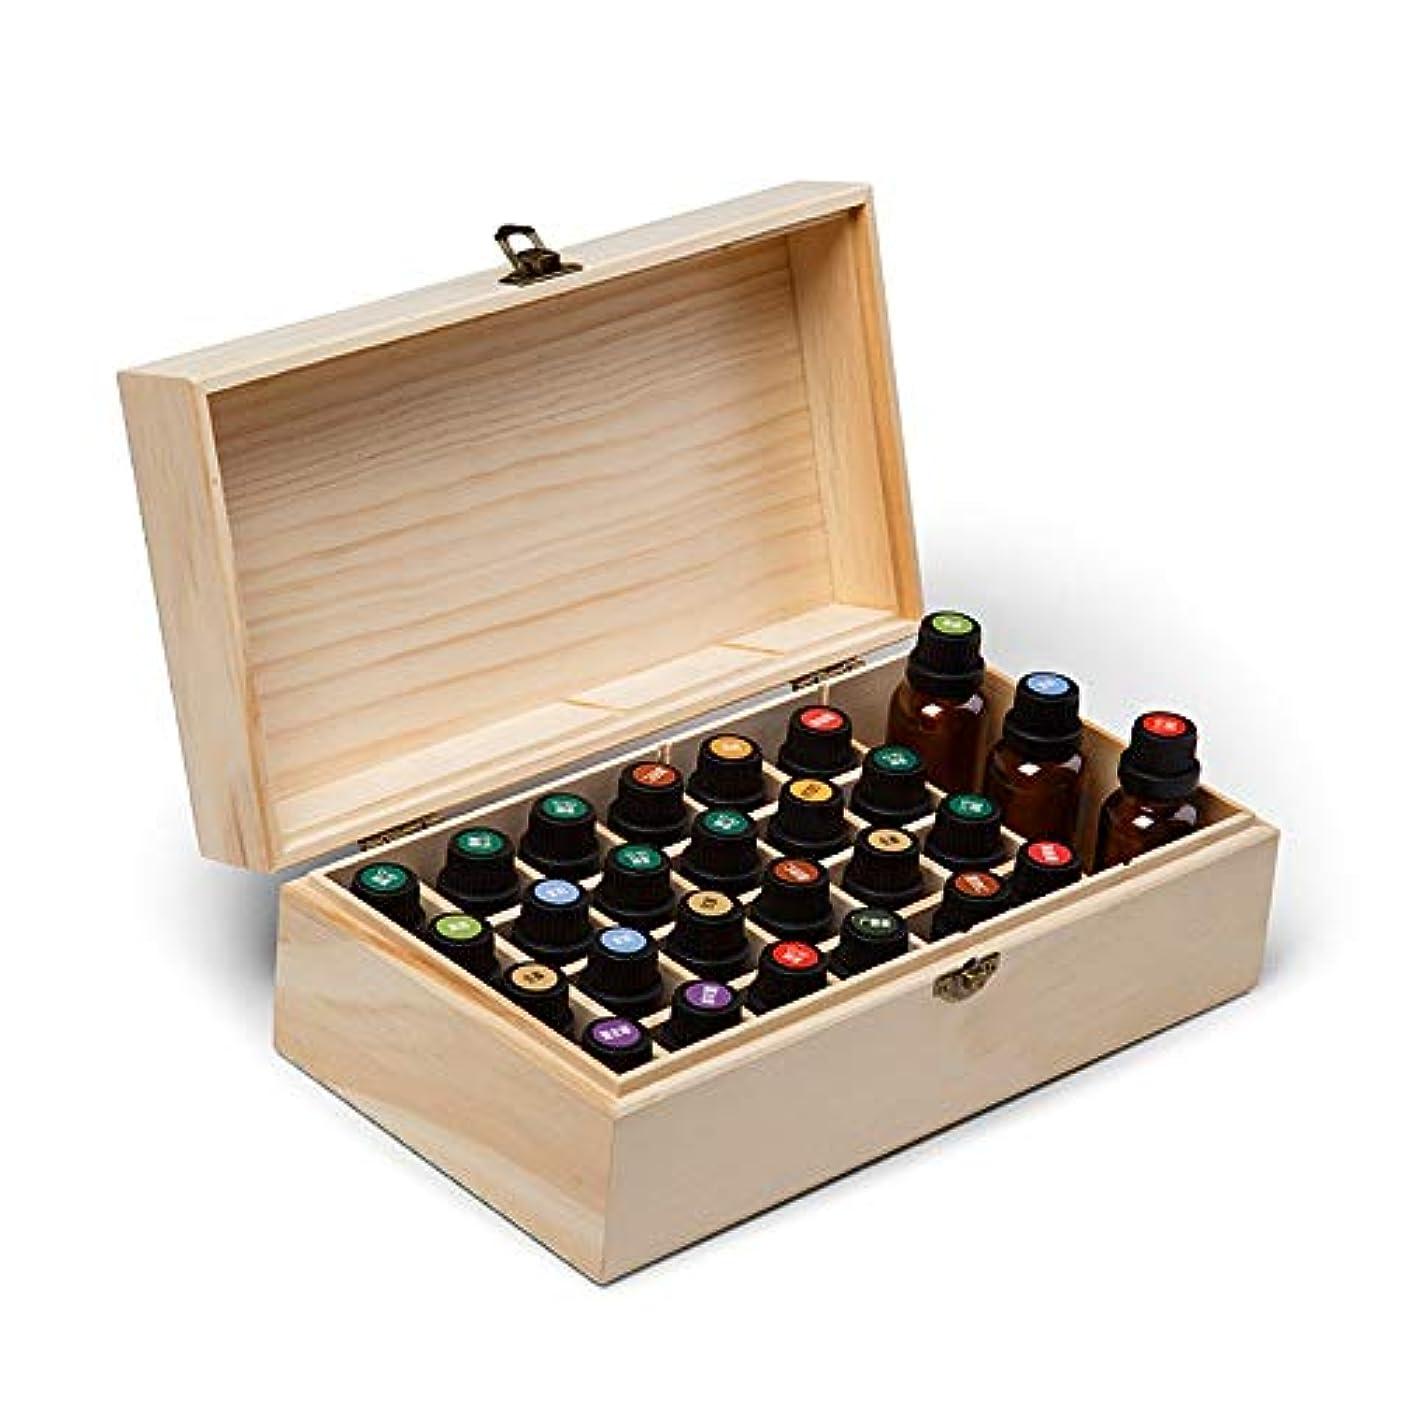 弾力性のあるヘルシー荒れ地アロマセラピー収納ボックス 自然の松のエッセンシャルオイル木製収納箱25瓶友人や家族のための完全なギフトです。 エッセンシャルオイル収納ボックス (色 : Natural, サイズ : 27X15X10CM)